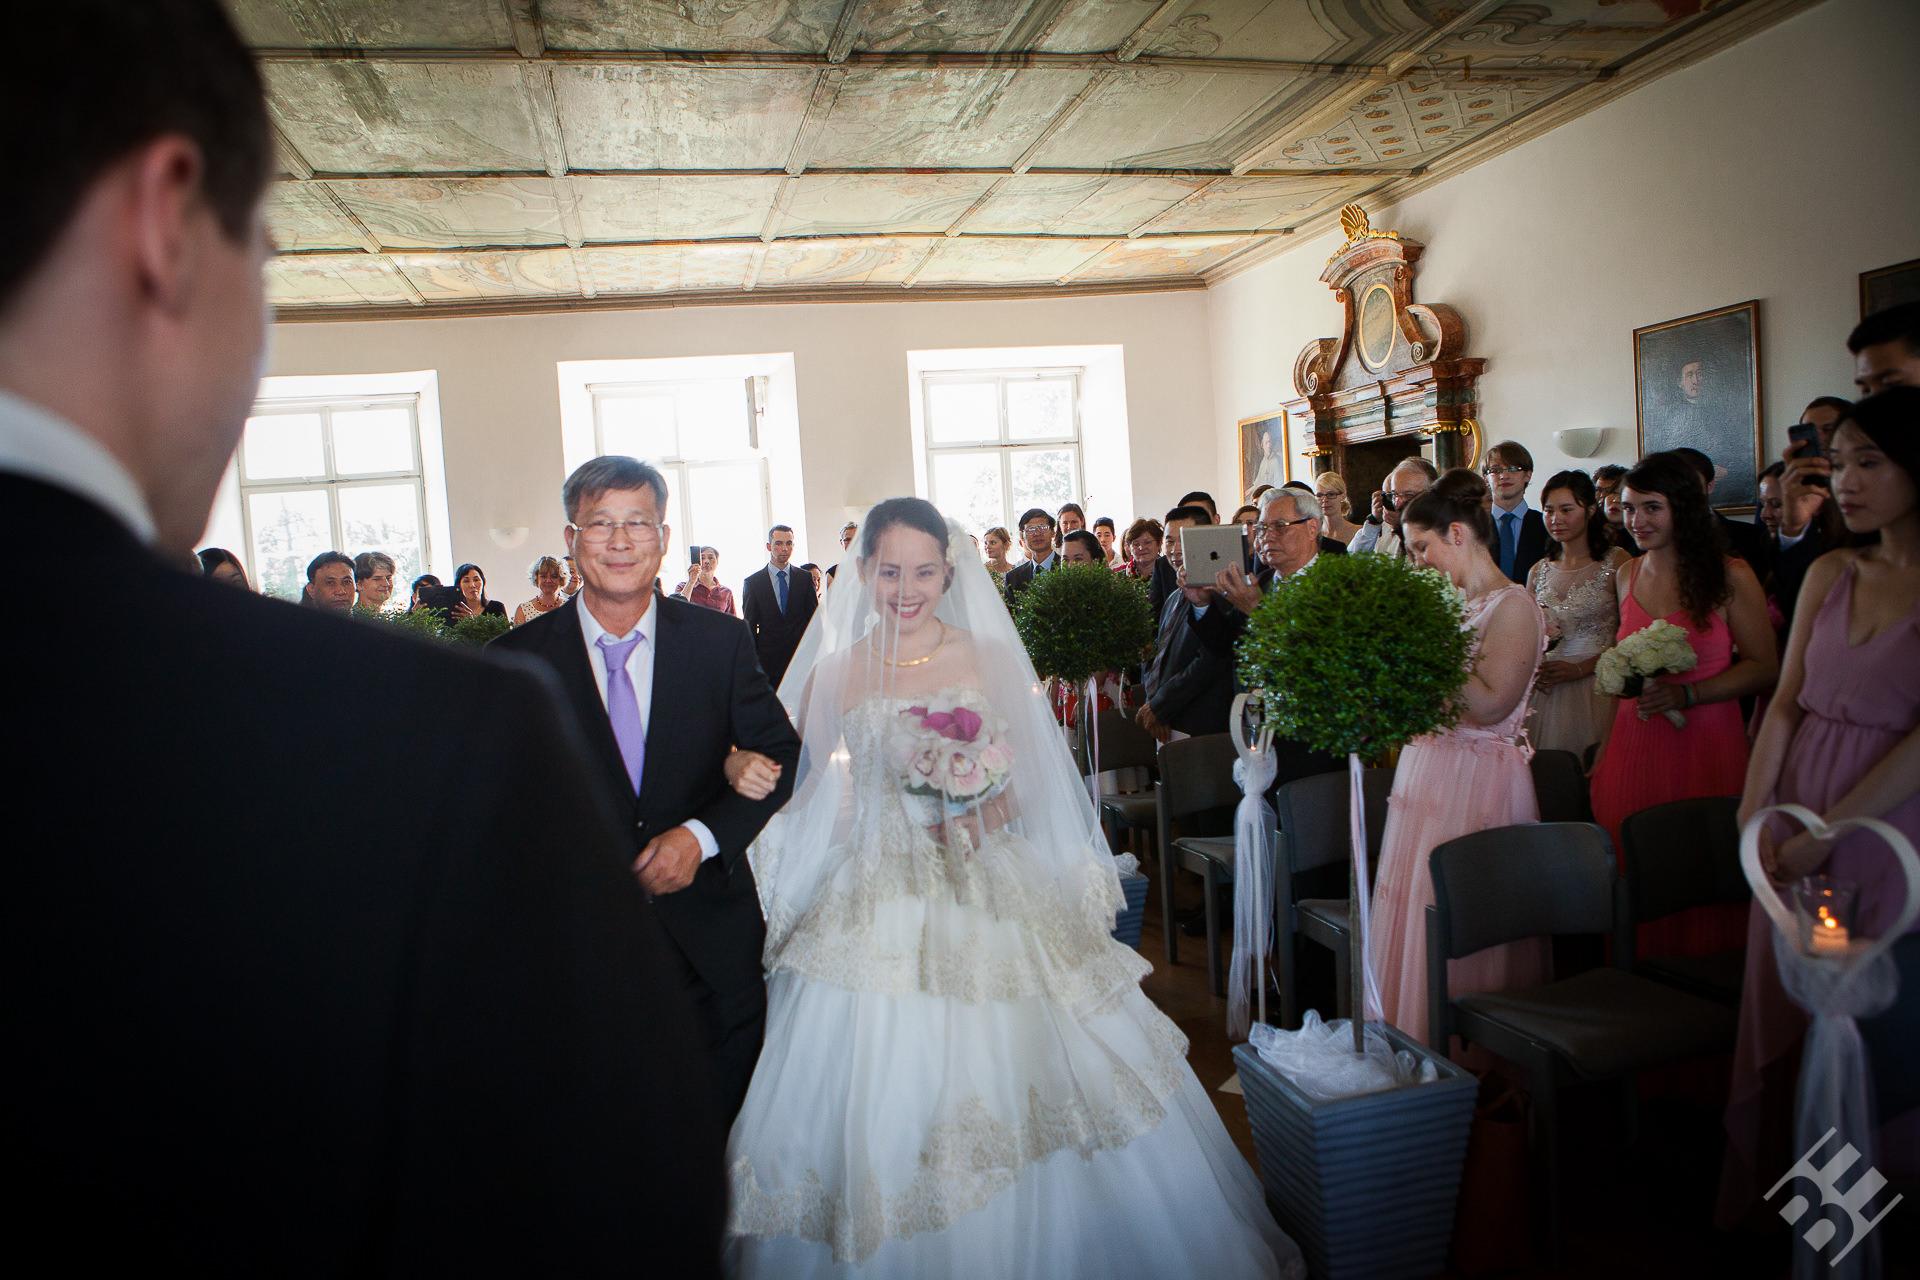 Hochzeit_12_IMG_9145_Volen_Evtimov